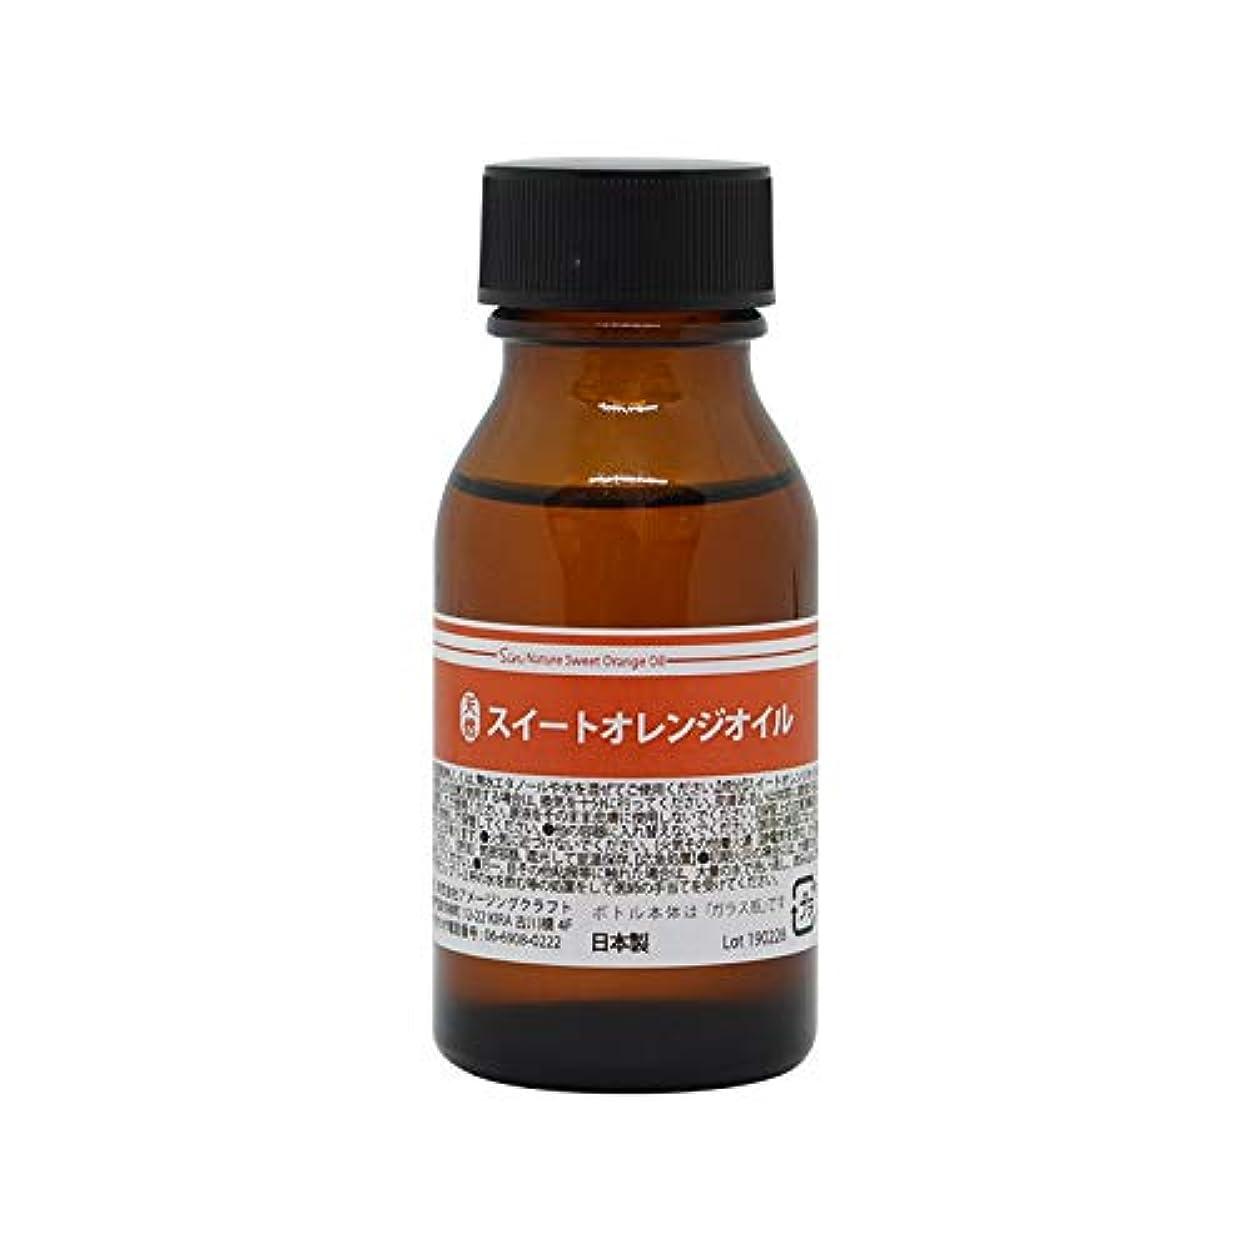 女将カートリッジ方法天然100% スイートオレンジオイル 50ml (オレンジスイート) エッセンシャルオイル